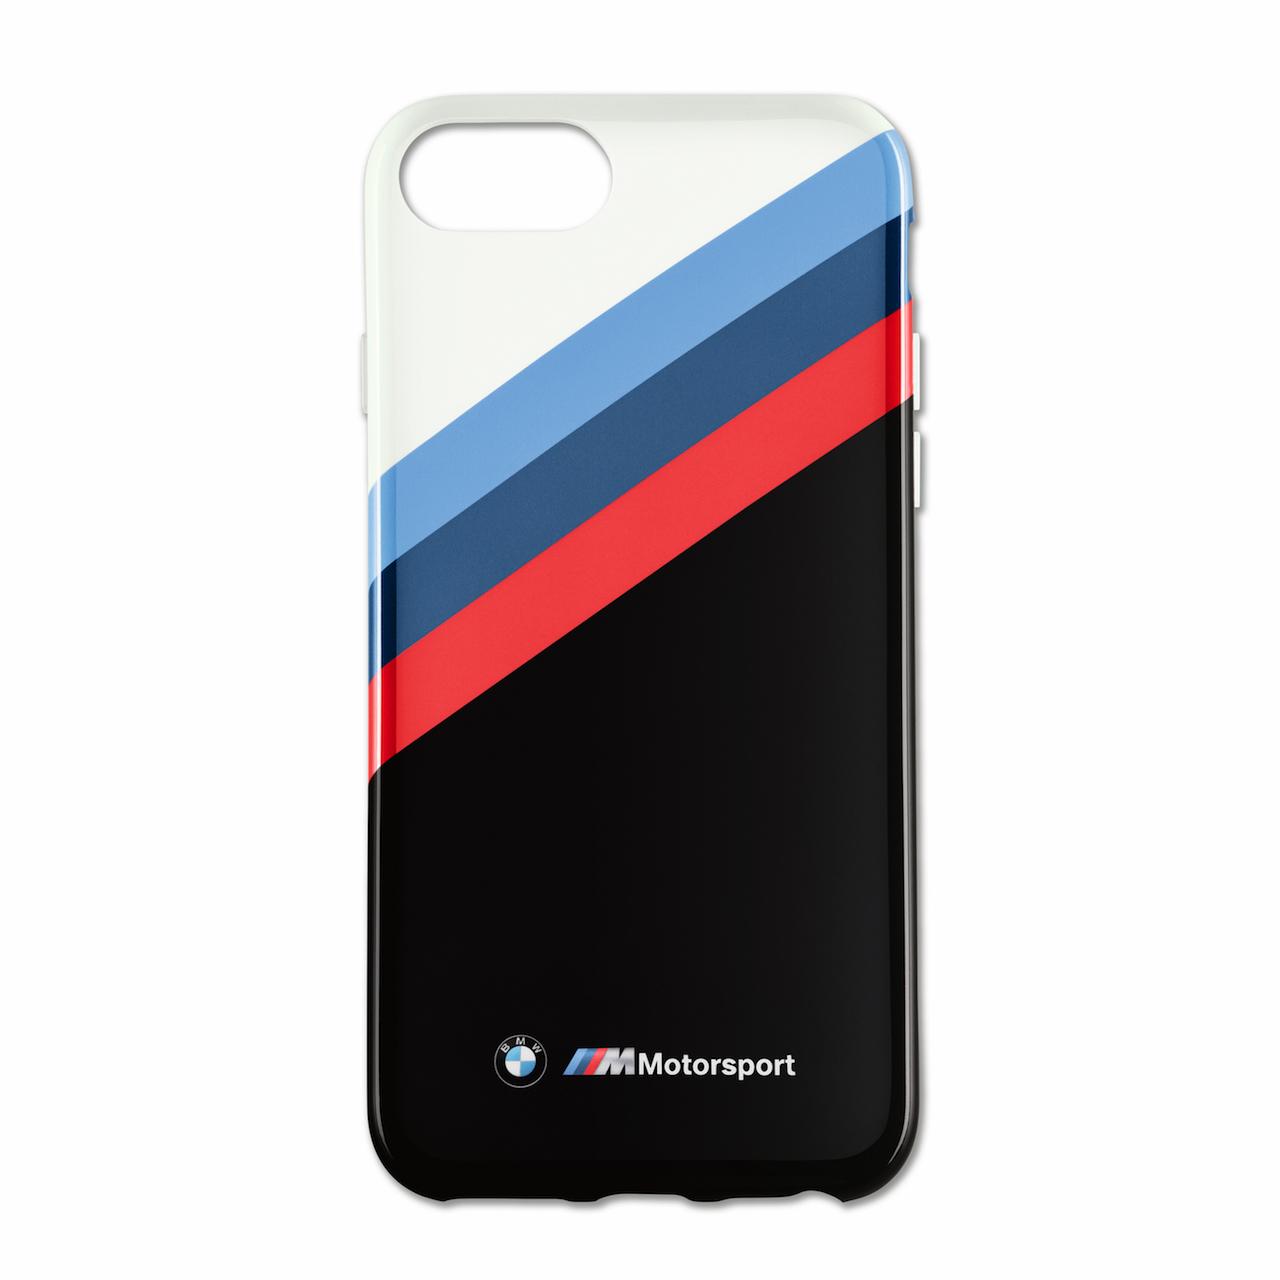 Coque pour smartphone BMW M Motorsport   BMW M Motorsport   BMW ...